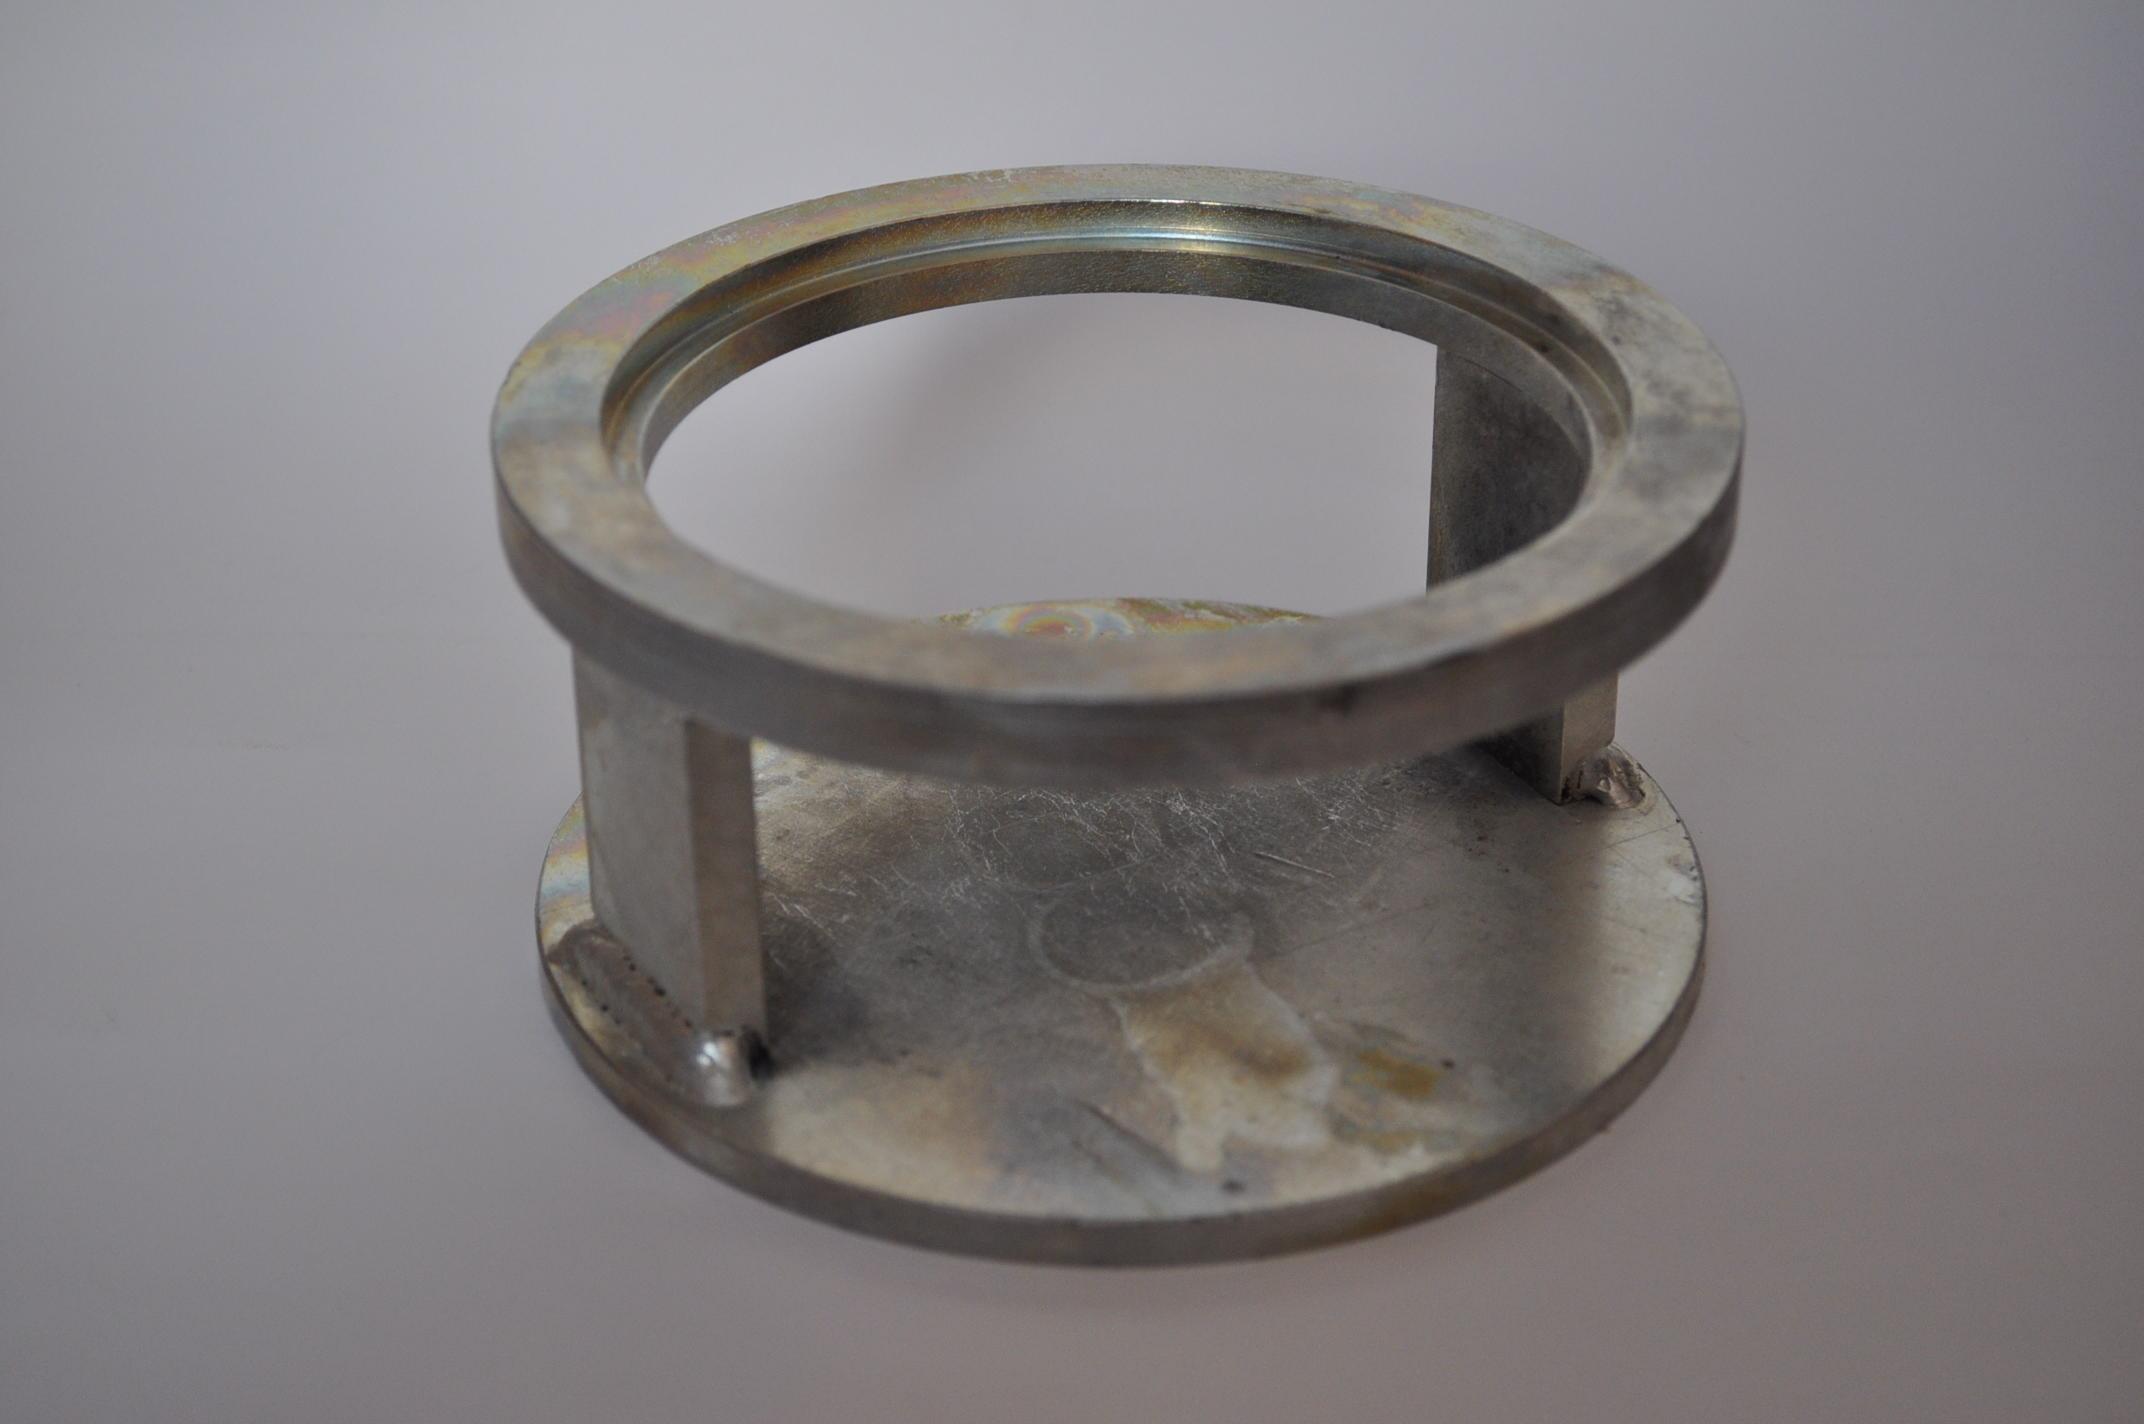 2.45. Подставка к форме для испытаний а/бет. образцов диам. 101 мм